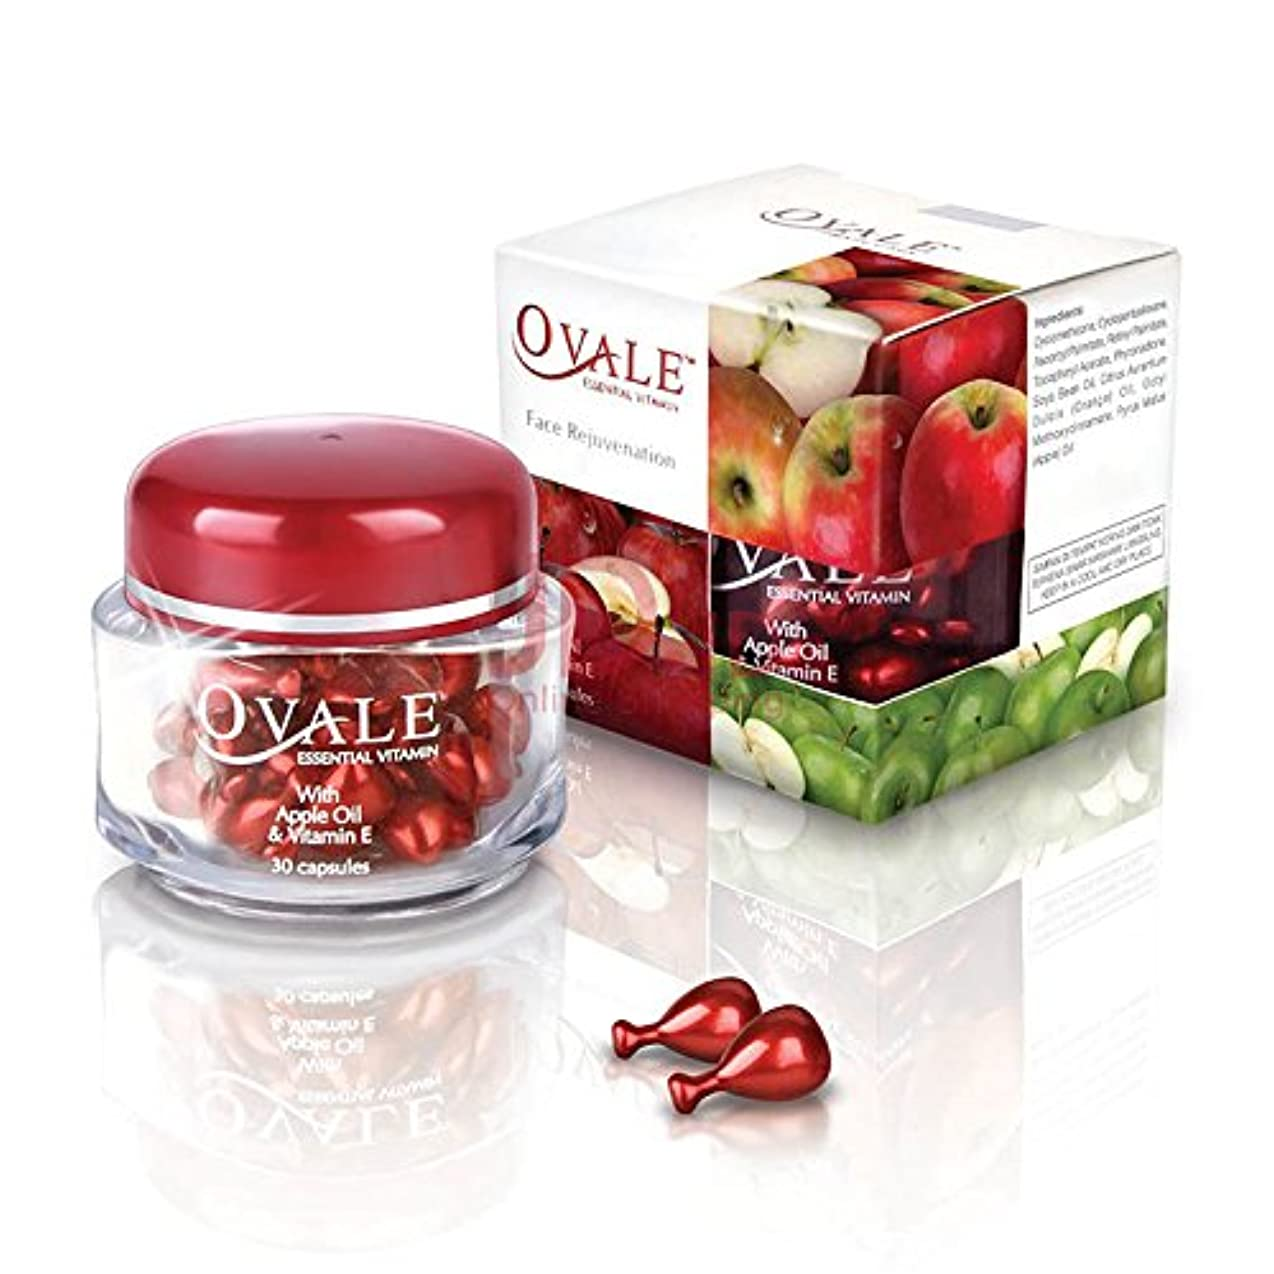 さまよう研究所強要Ovale オーバル フェイシャル美容液 essential vitamin エッセンシャルビタミン 30粒入ボトル×2個 アップル [海外直送品]